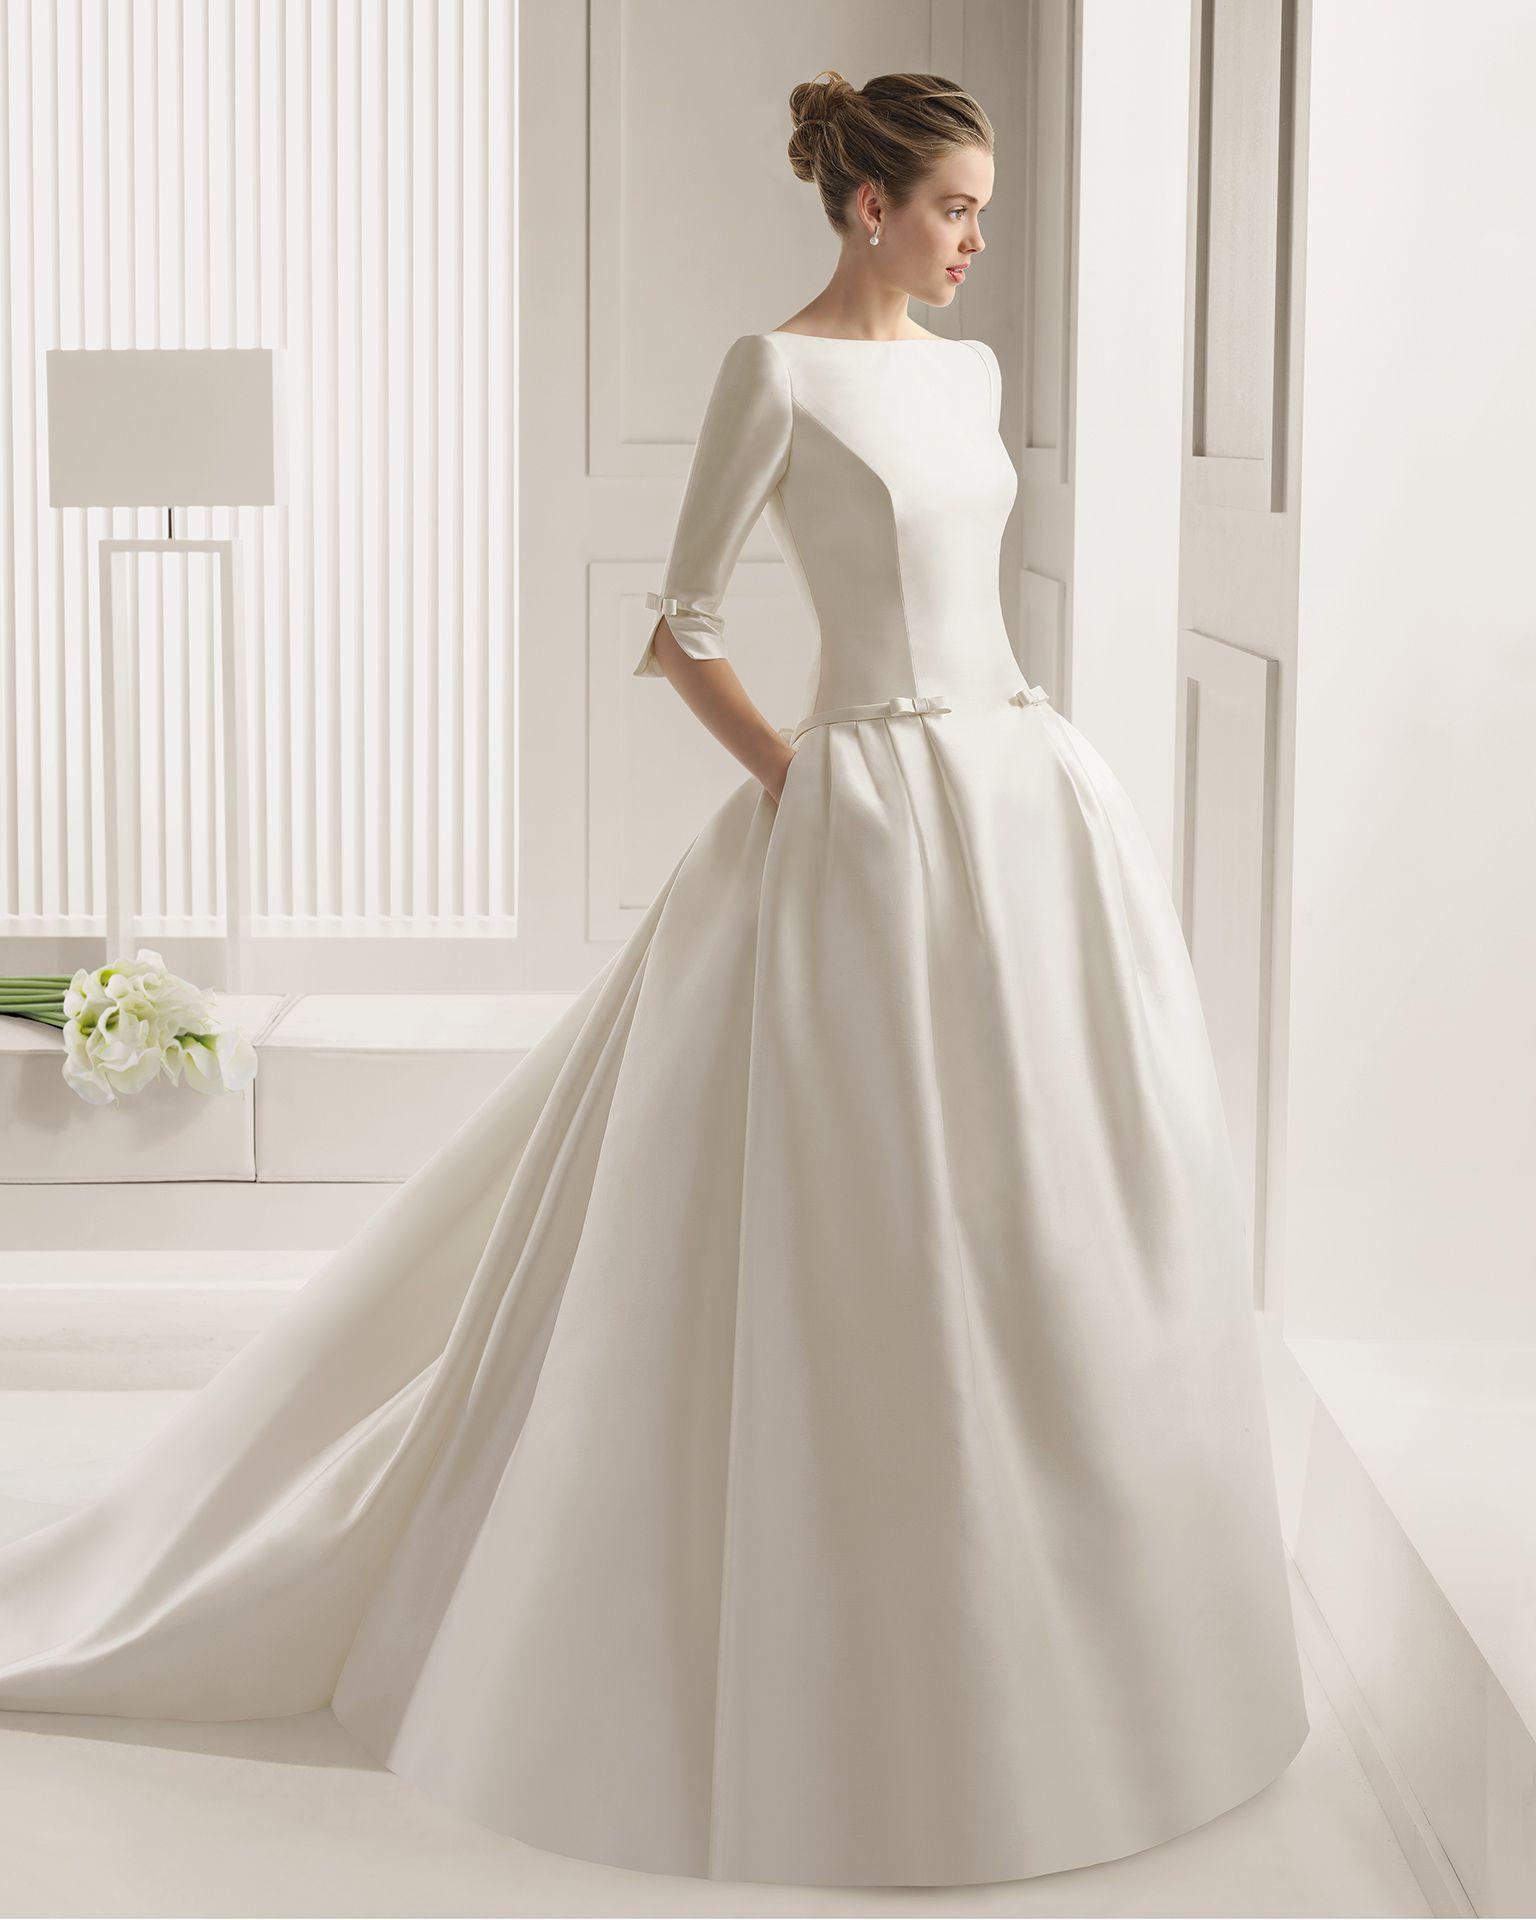 SAIGON - Mikado-Seiden-Kleid, in Naturfarben. Kleid mit Seiden ...